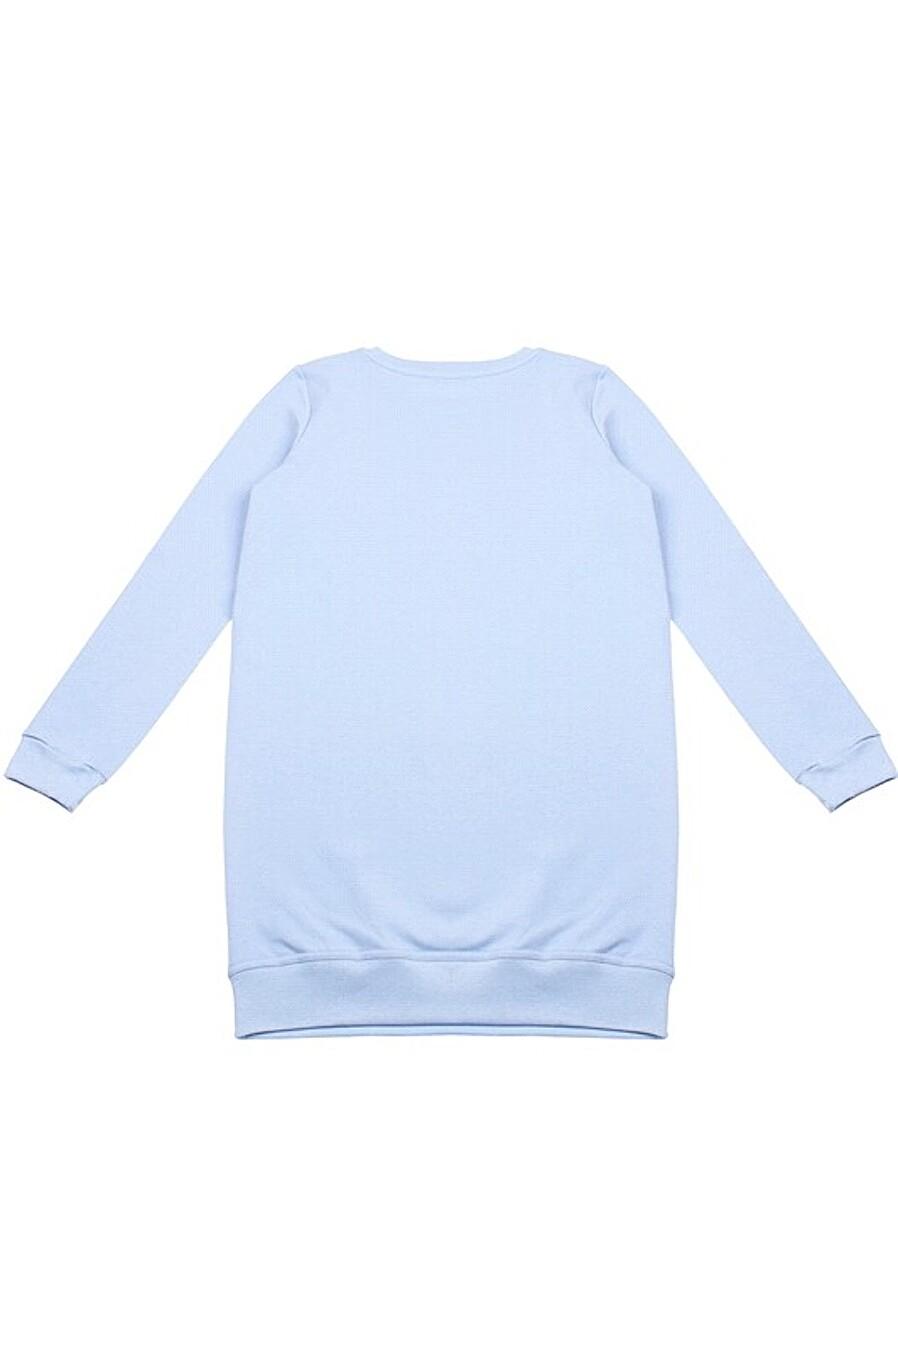 Платье для девочек Archi 158557 купить оптом от производителя. Совместная покупка детской одежды в OptMoyo